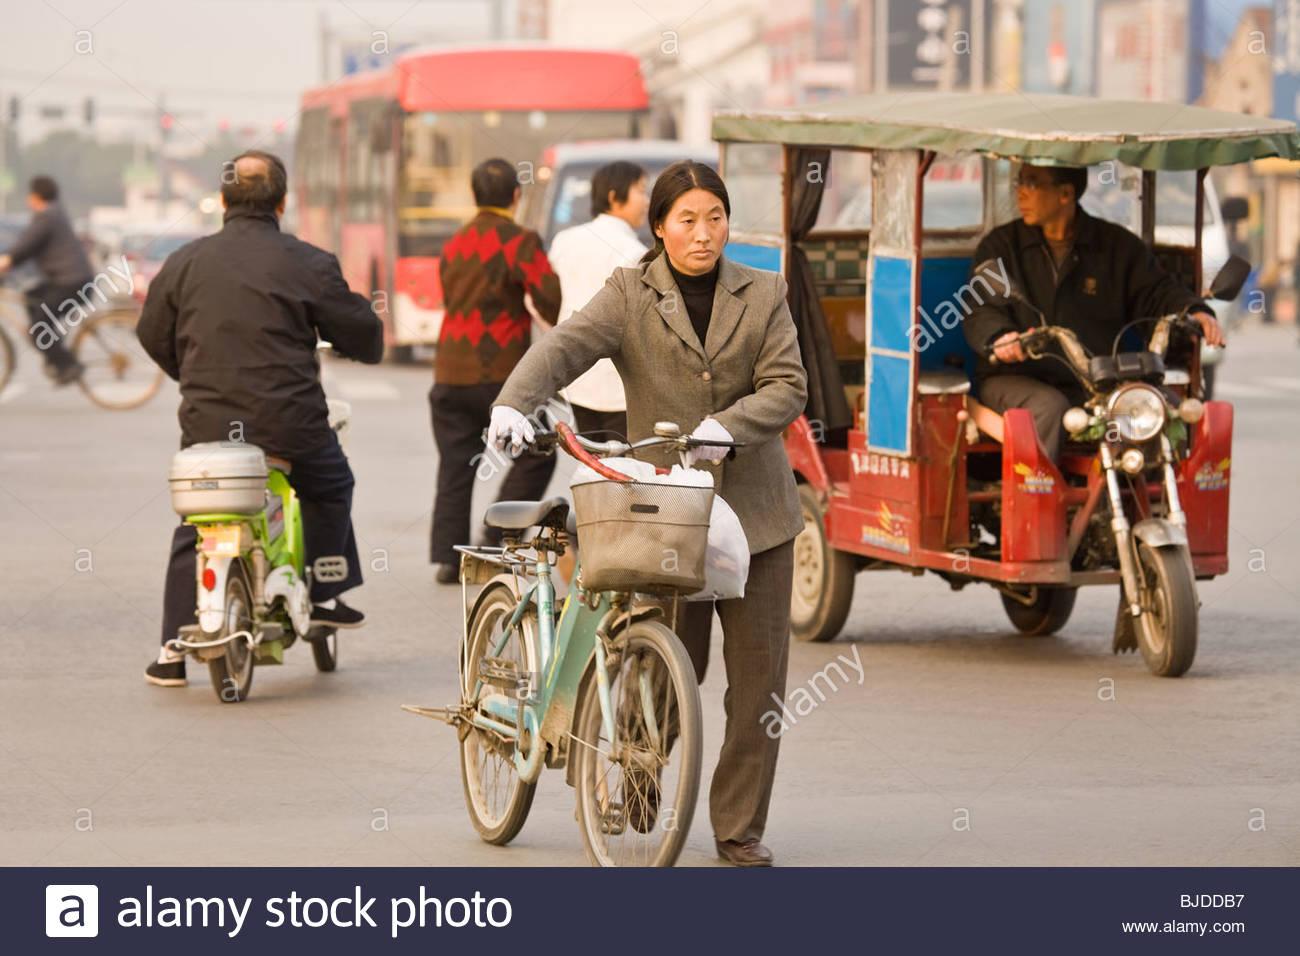 Donna con bicicletta attraversando la strada nel traffico caotico di Suzhou, provincia dello Jiangsu, Cina e Asia Immagini Stock